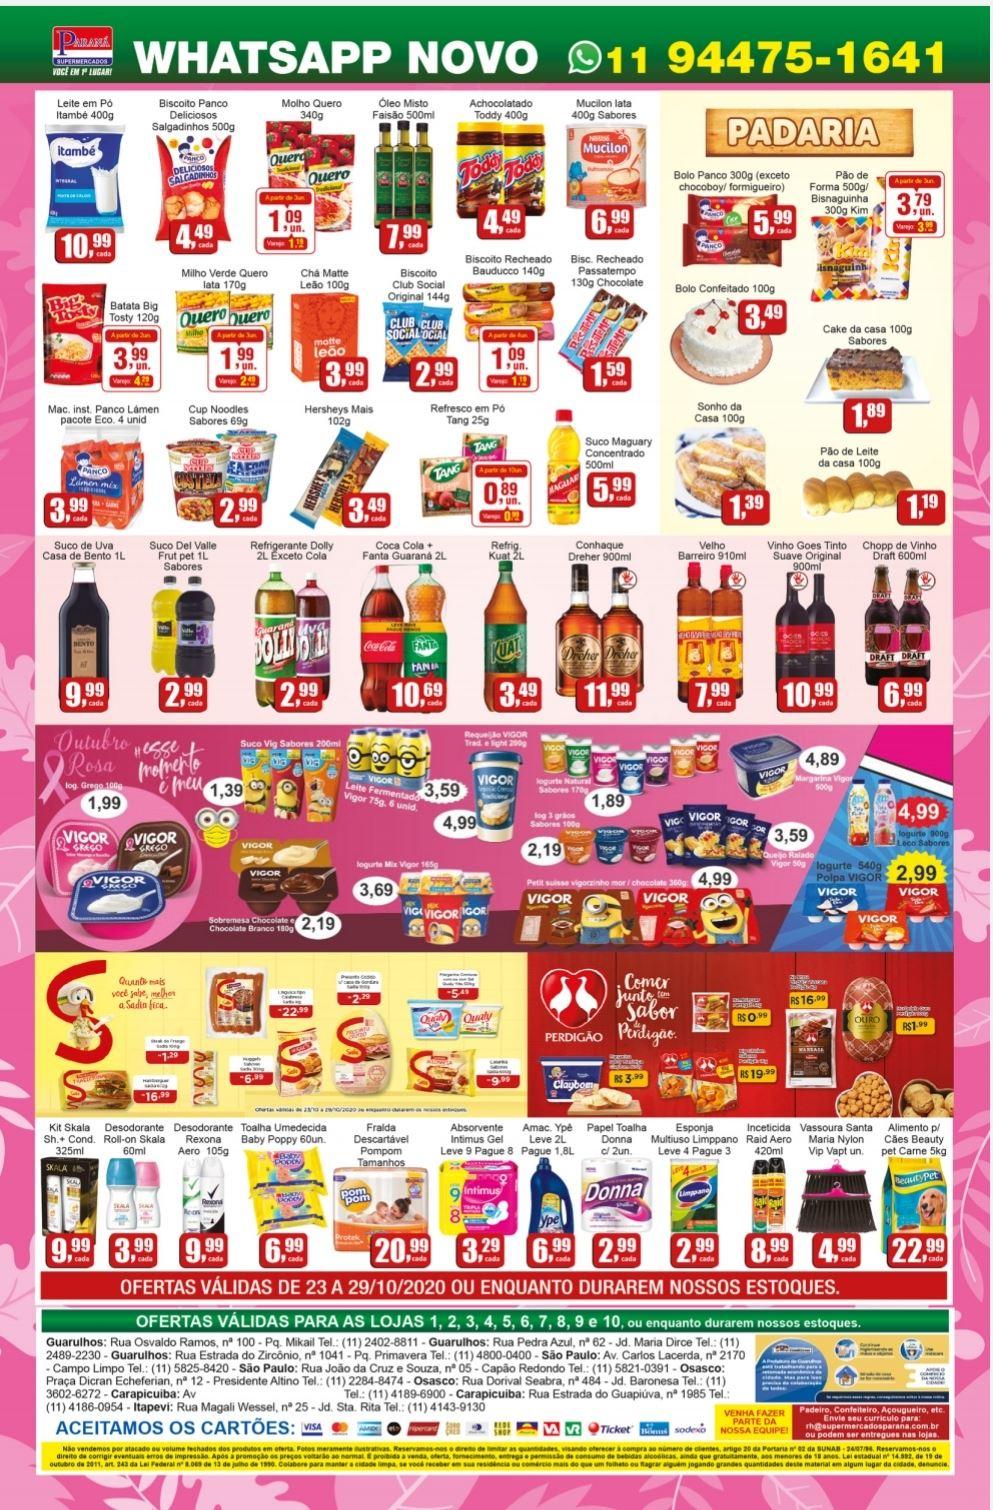 Encarte Supermercados Paraná 23/10/20 02